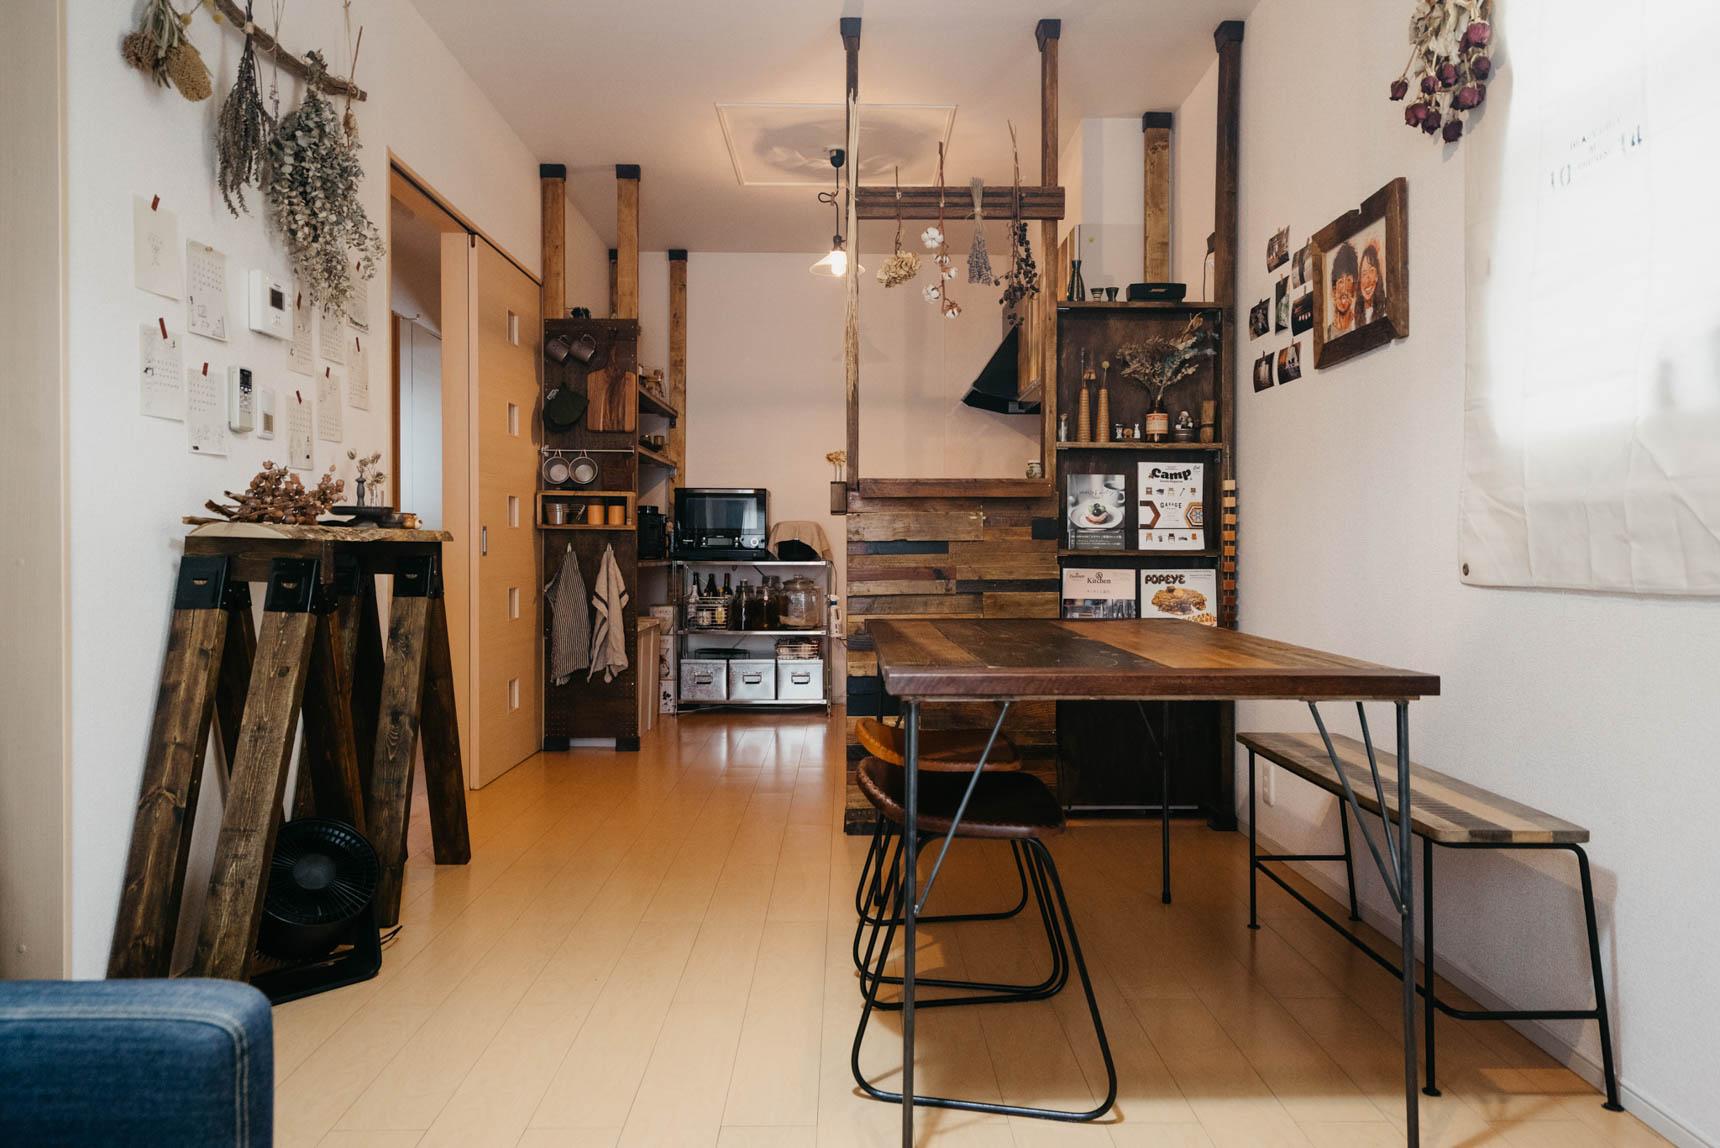 キッチンとの間仕切りには「ディアウォール」で自作のキッチンカウンターを設置。冷蔵庫など無機質で生活感を感じるものがうまく隠されていますね。